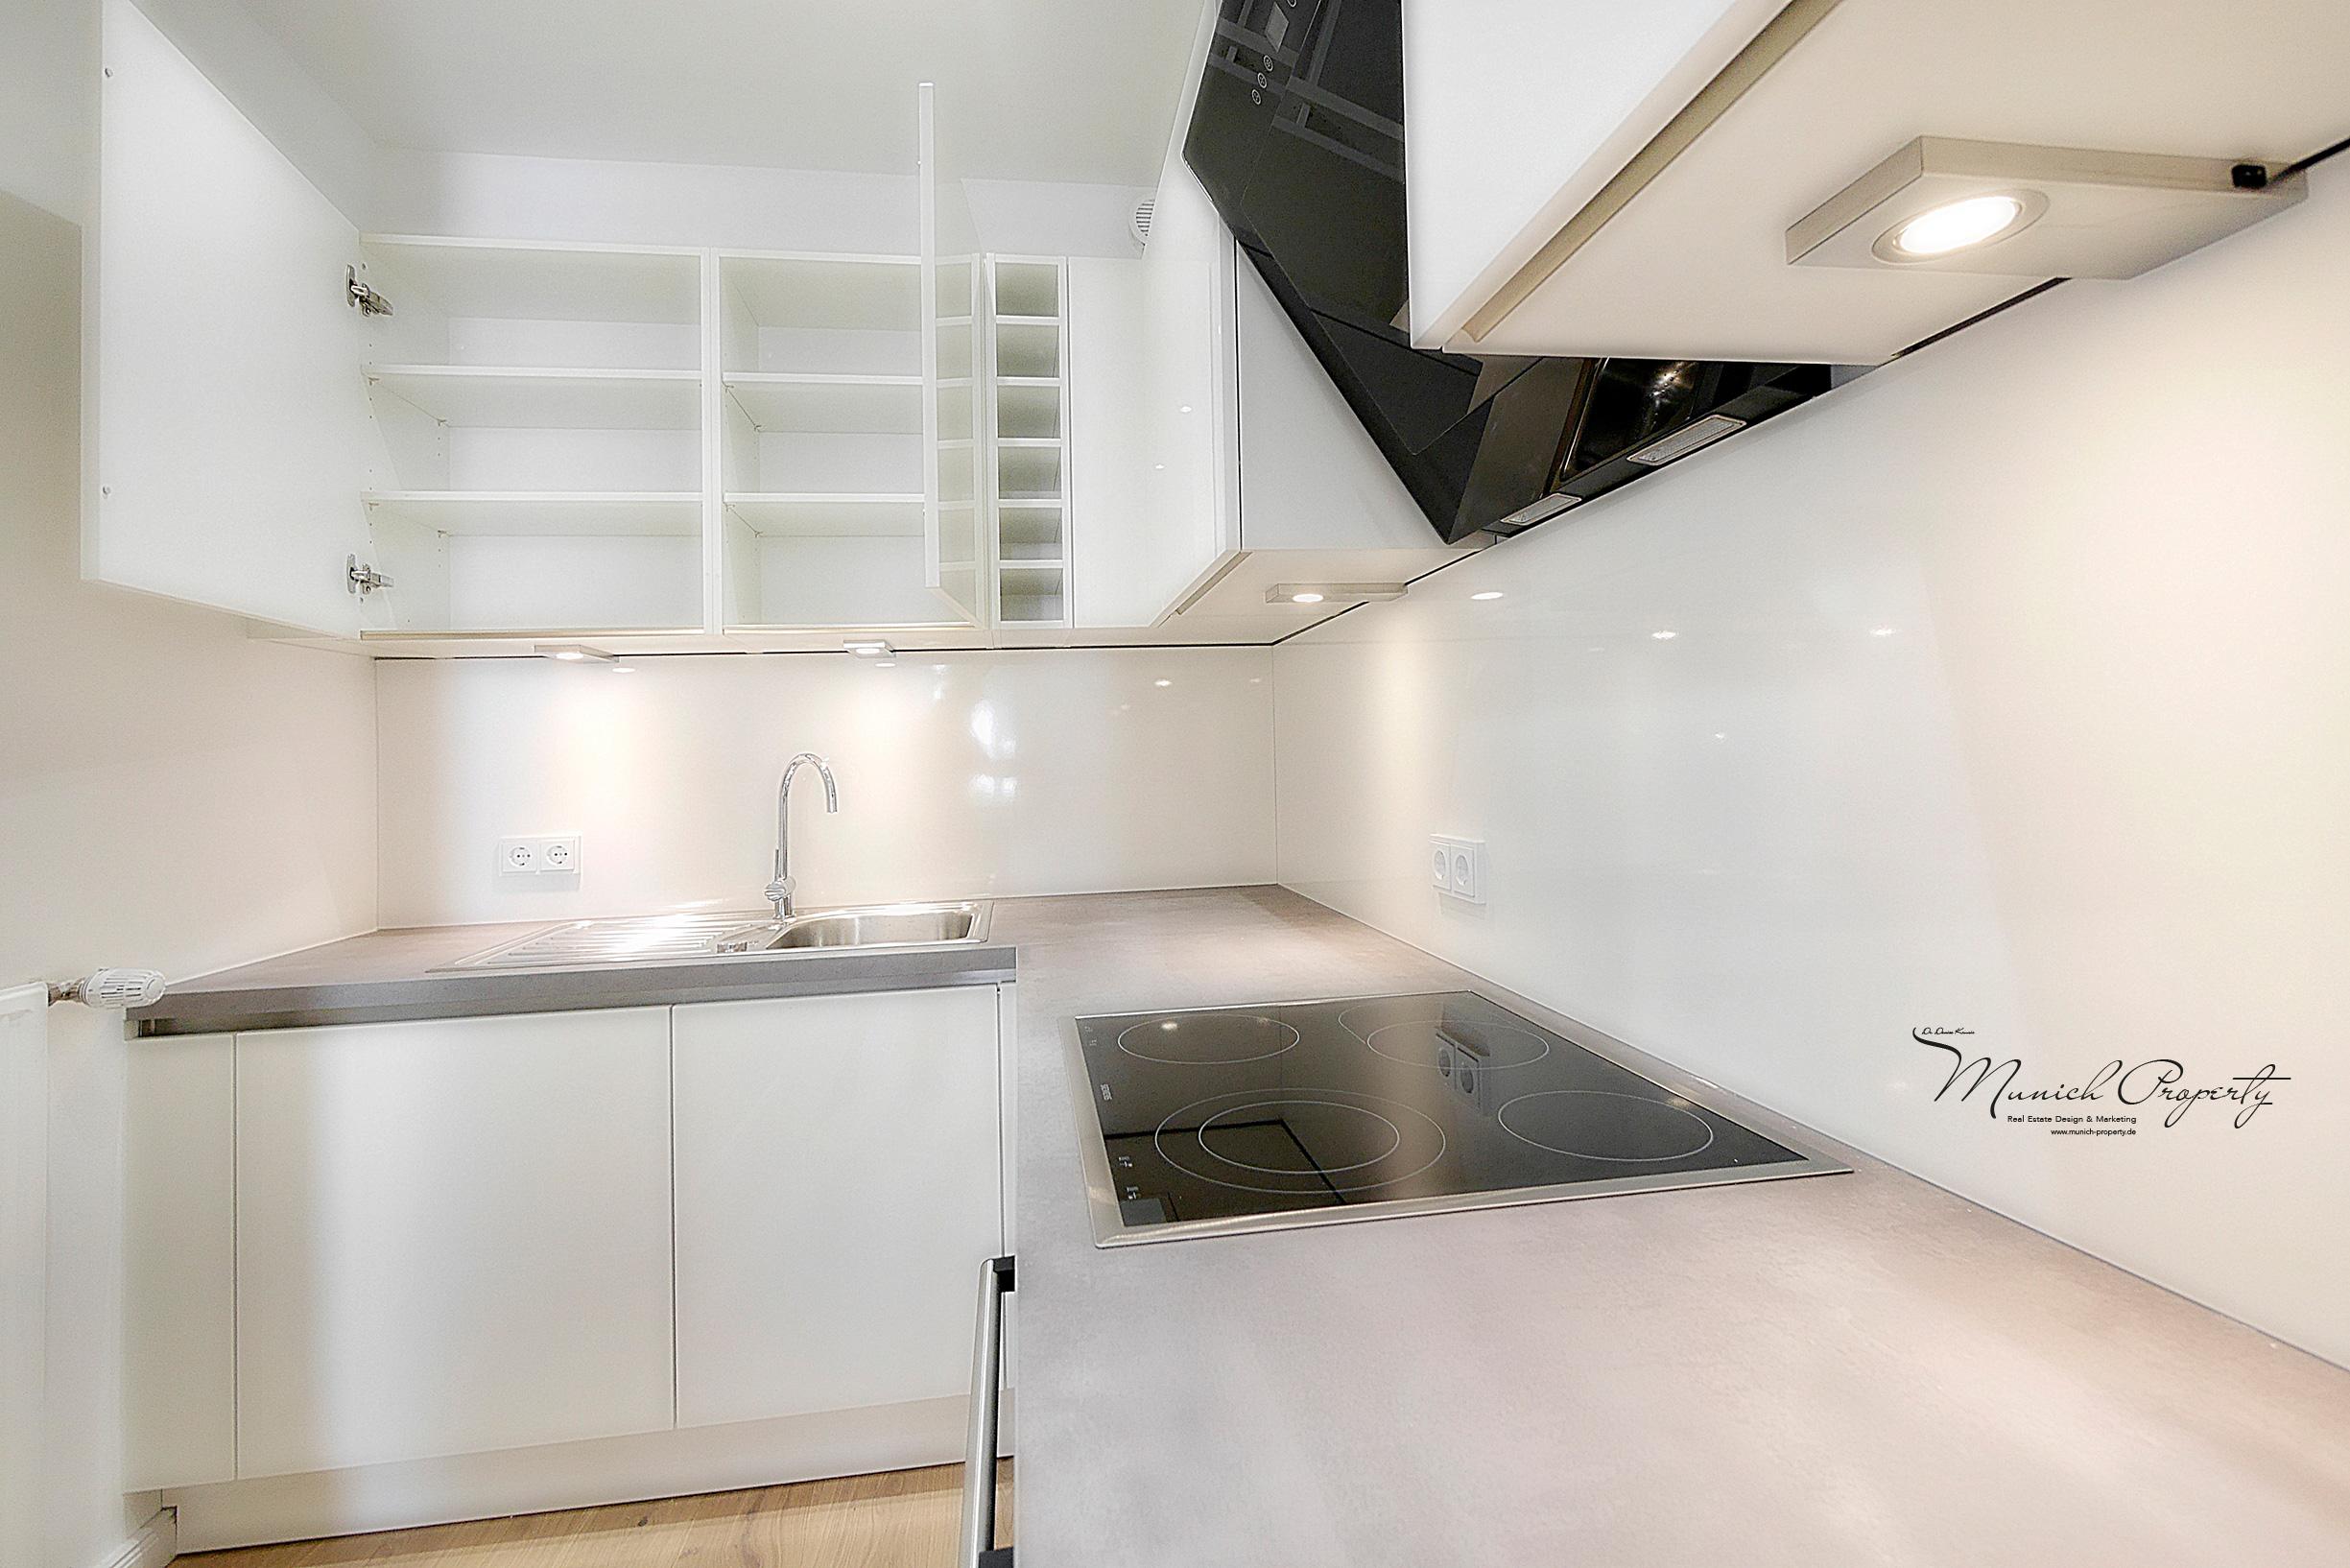 Wohnung mieten München Westend Schwanthalerhöhe: 2 Zimmer Altbau: Vollausgestattete weiße Hochglanz Einbauküche